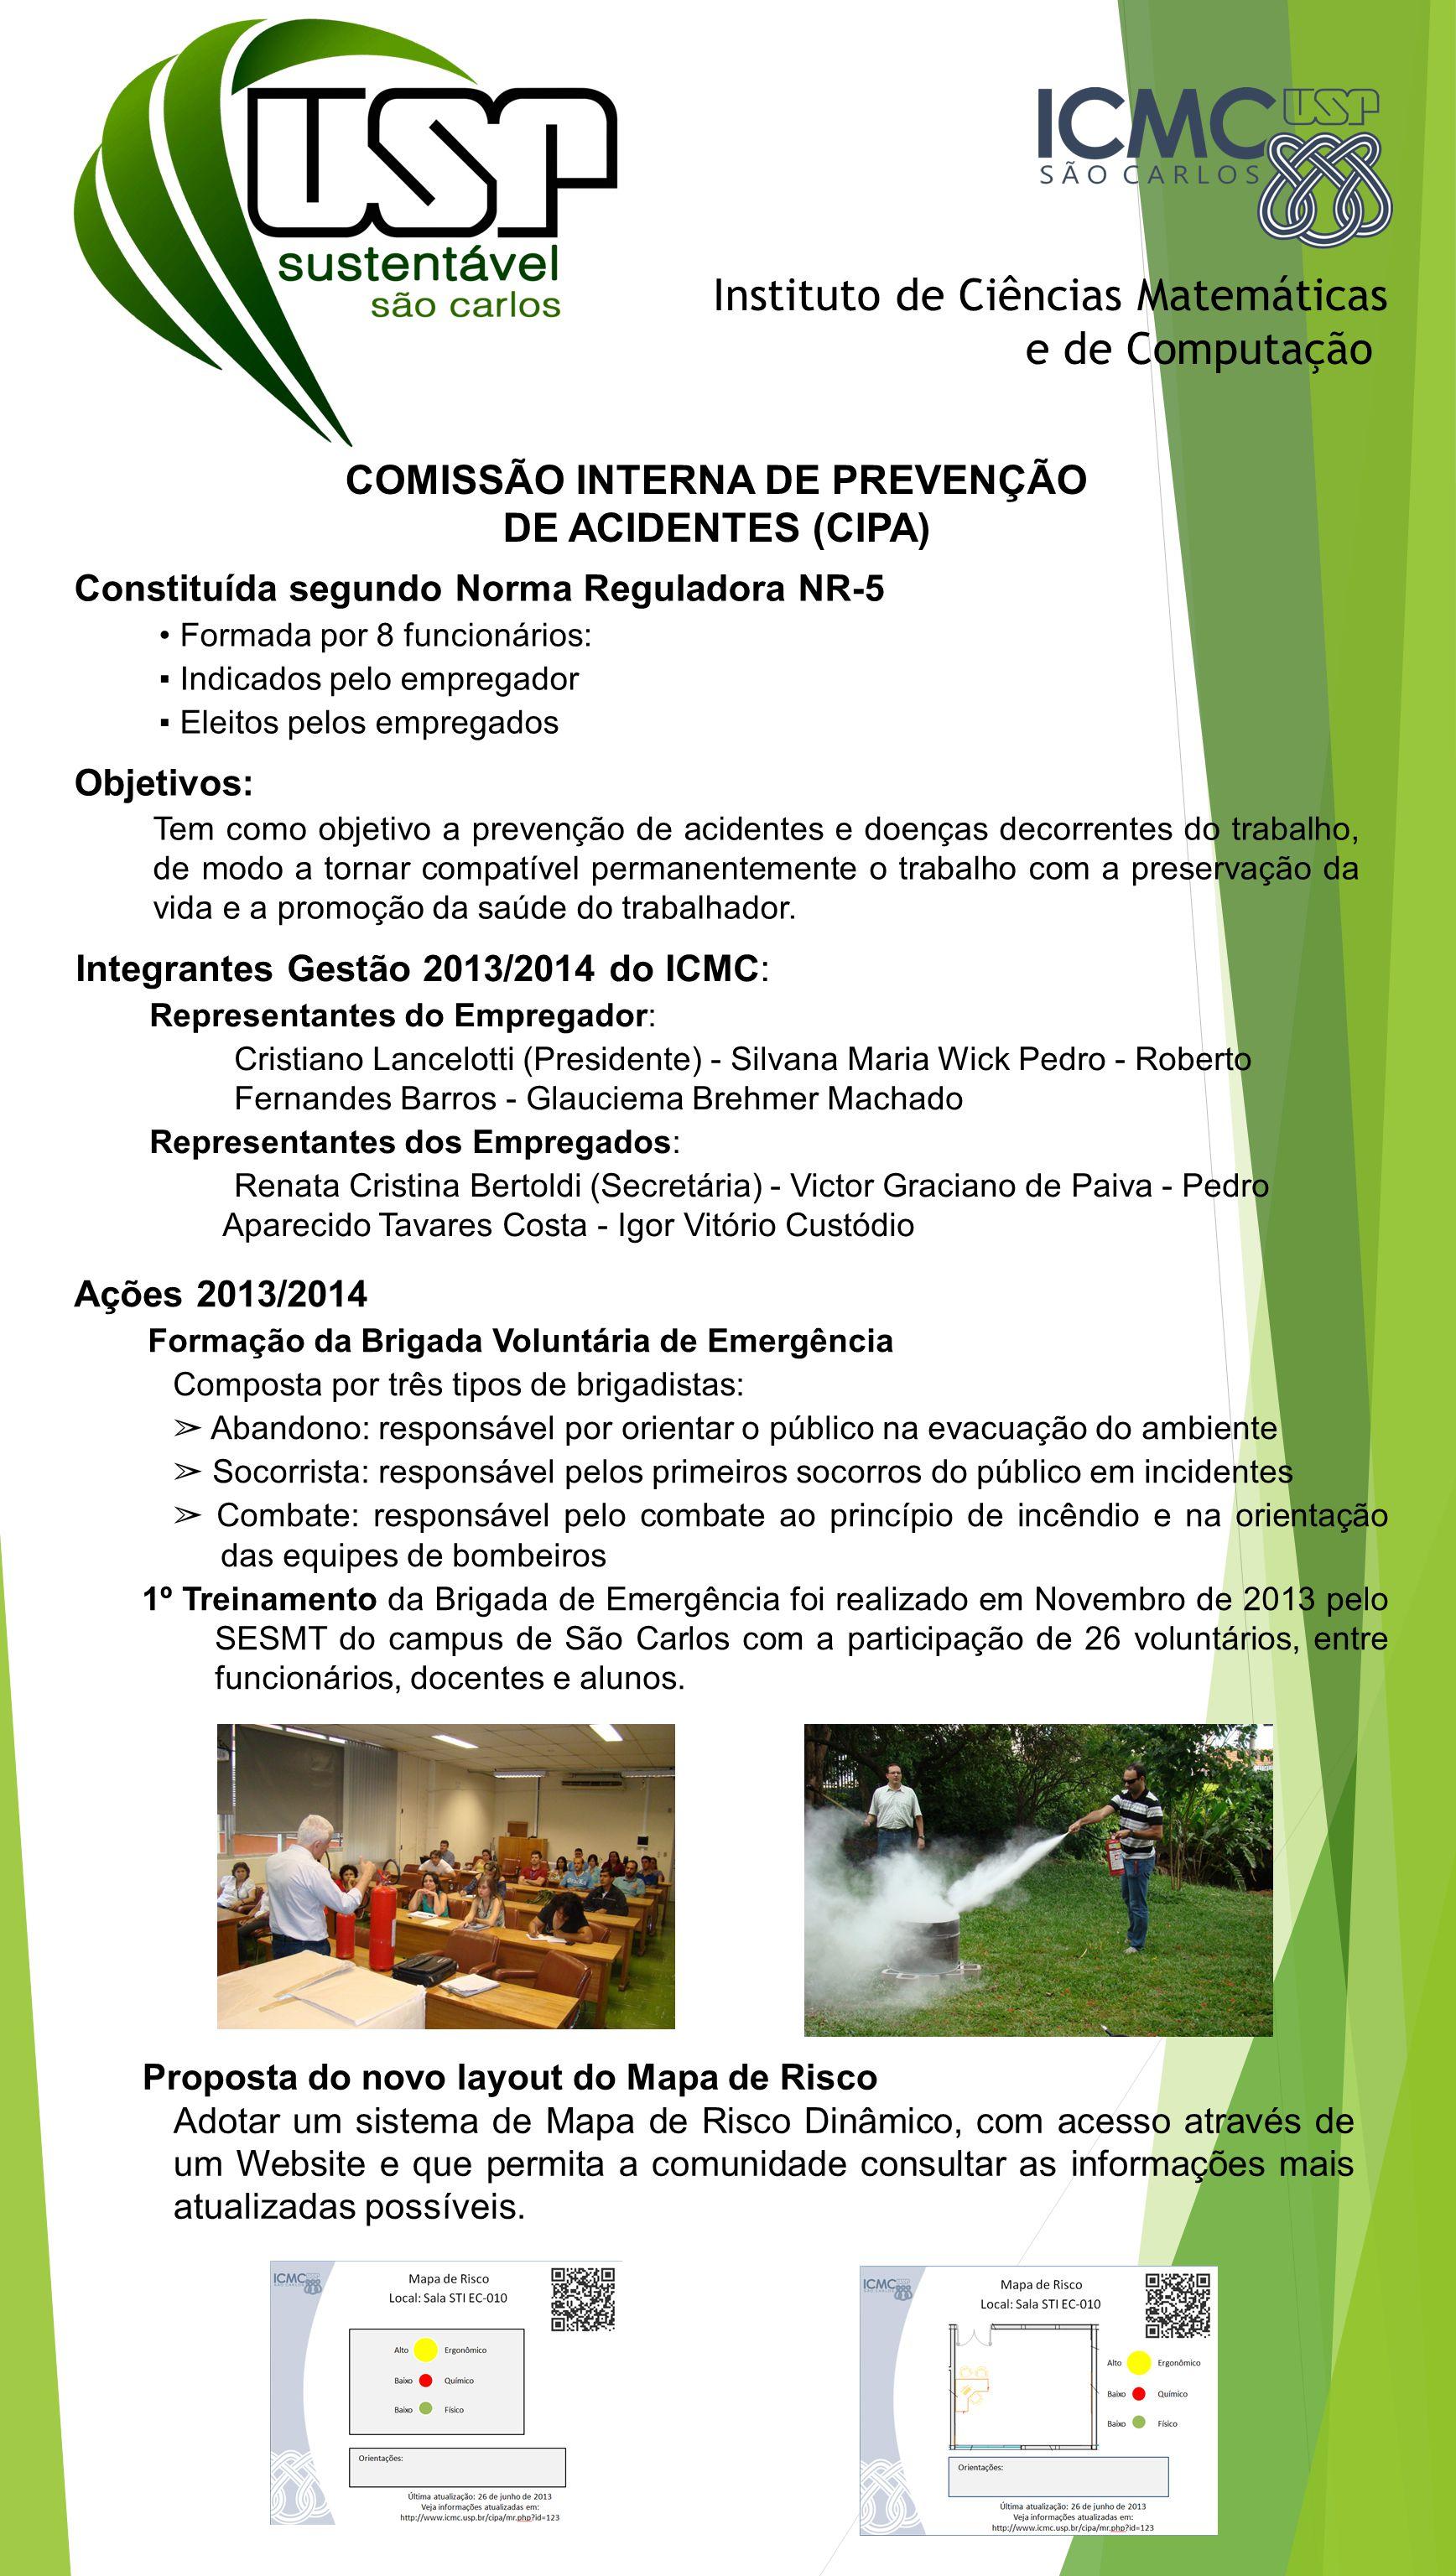 Instituto de Ciências Matemáticas e de Computação COMISSÃO INTERNA DE PREVENÇÃO DE ACIDENTES (CIPA) Constituída segundo Norma Reguladora NR-5 Formada